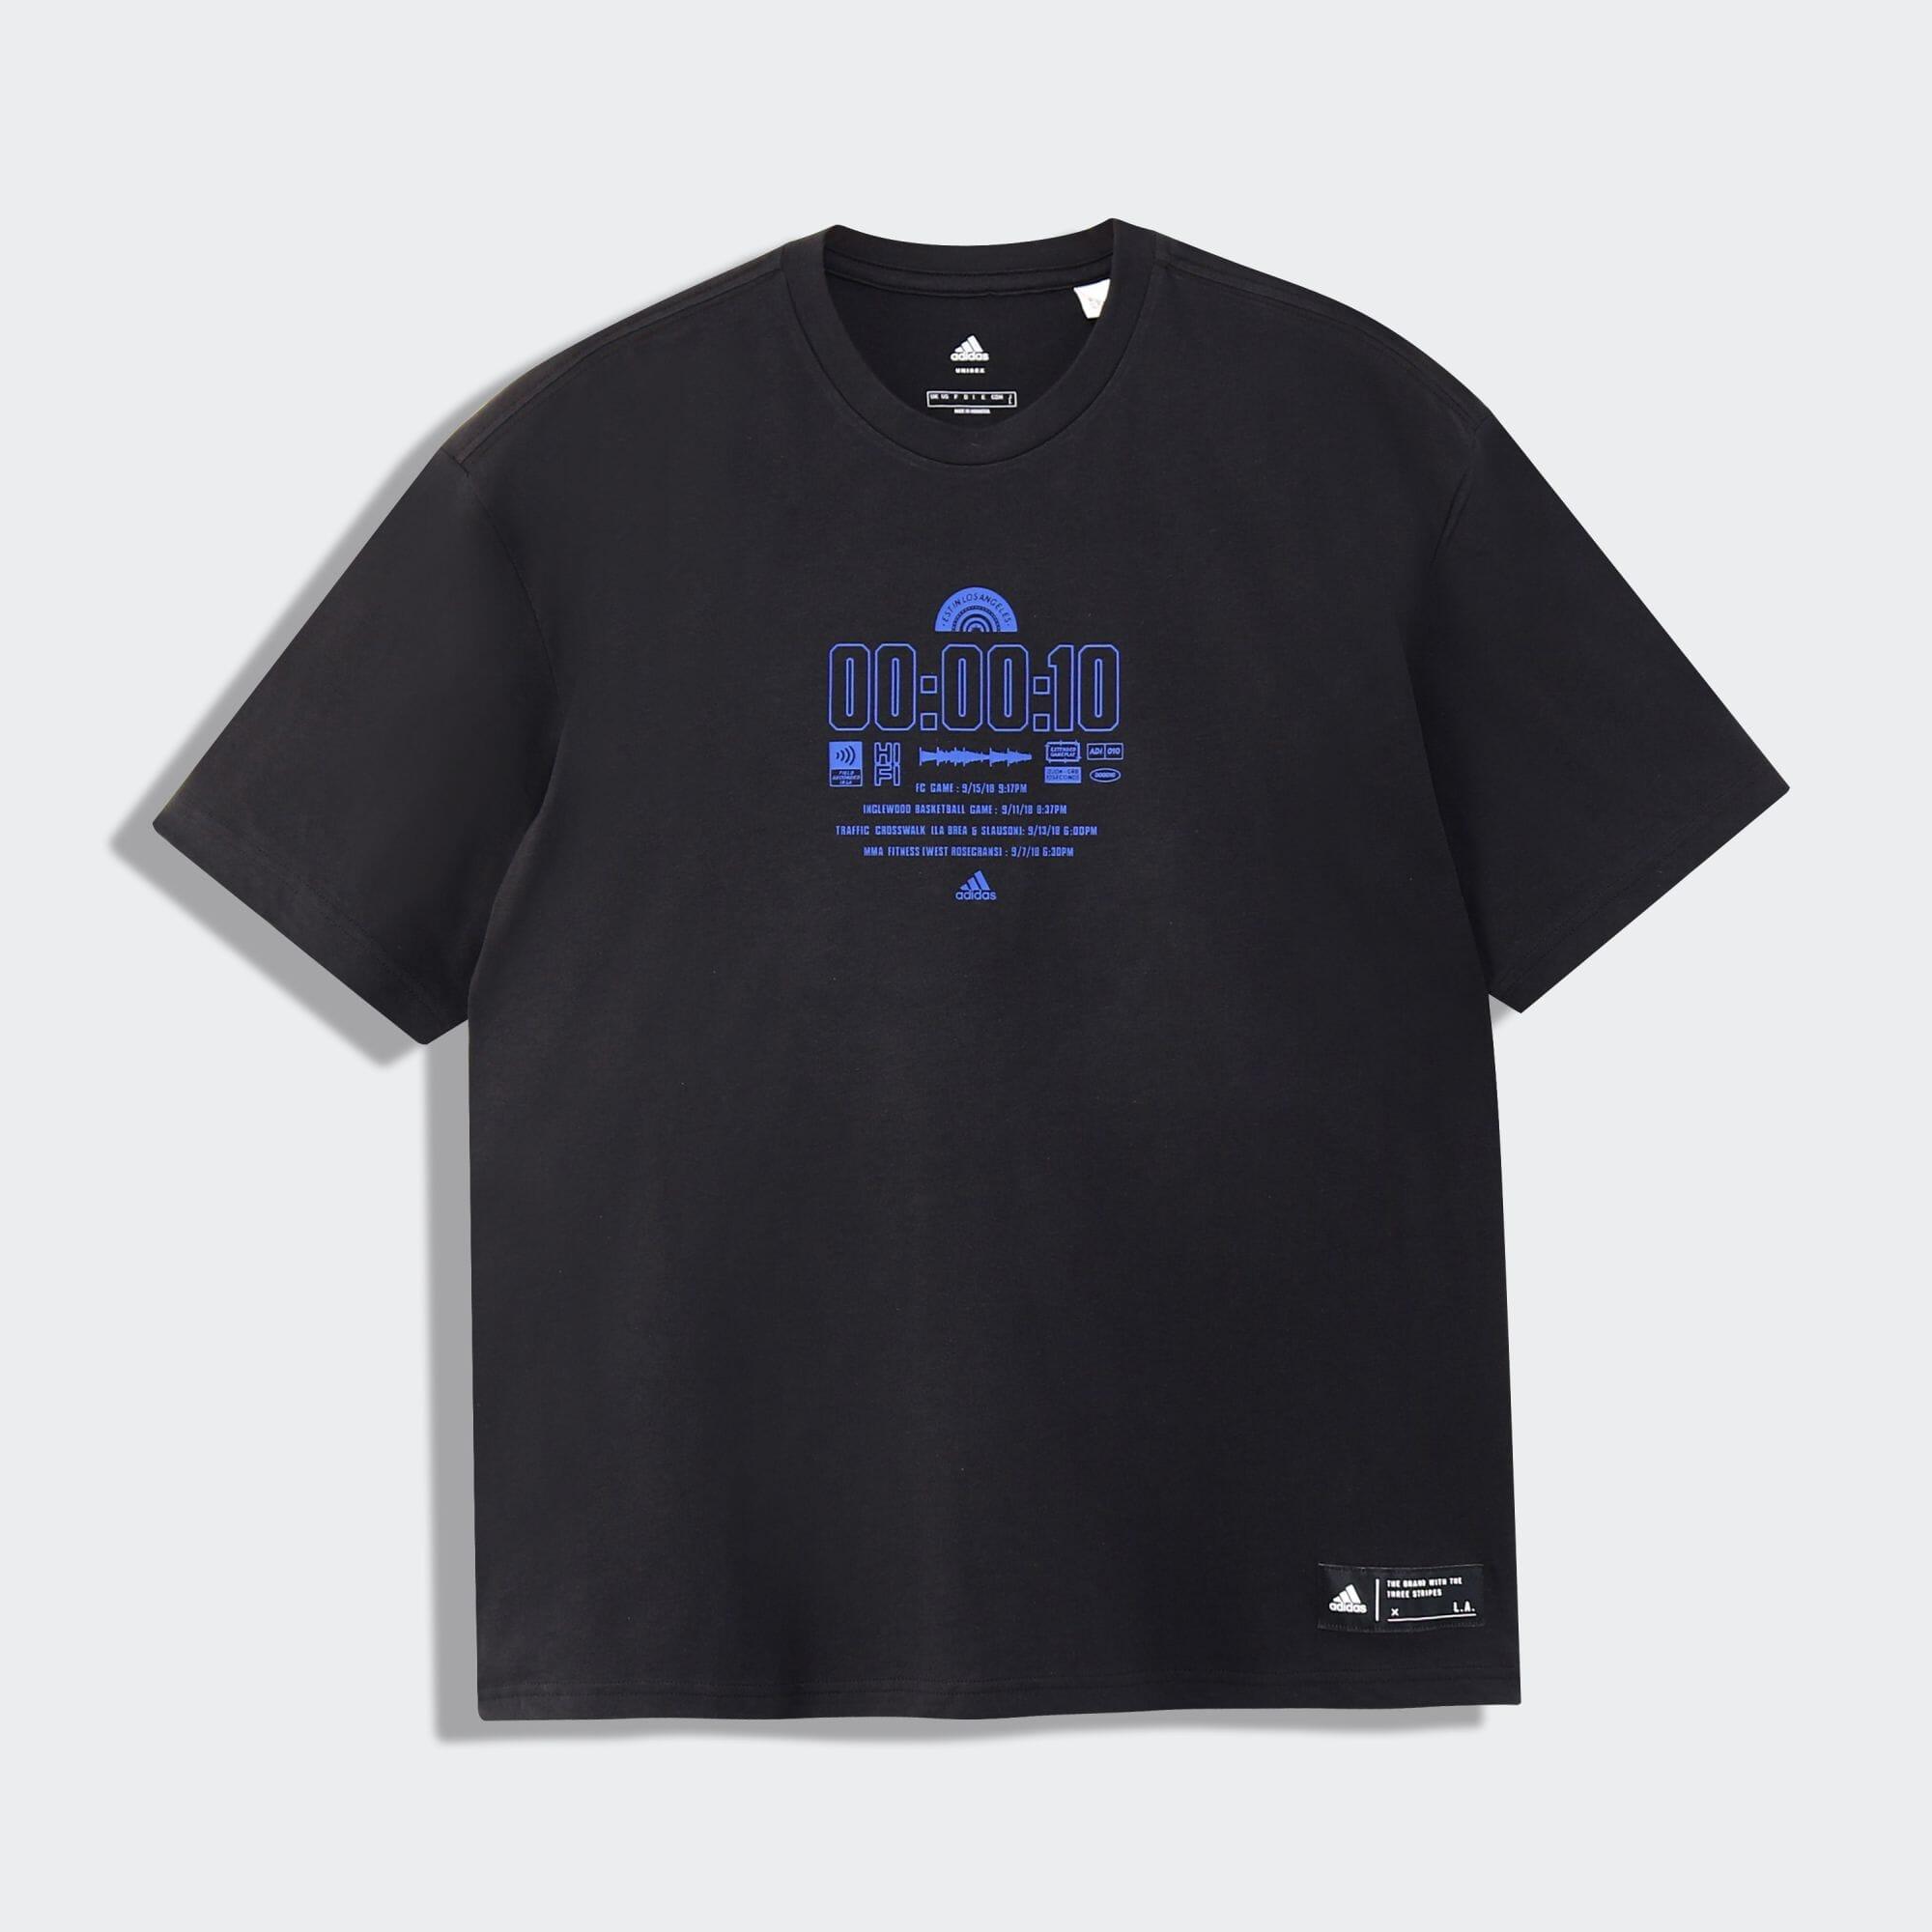 ロサンゼルス半袖Tシャツ / Los Angeles Tee